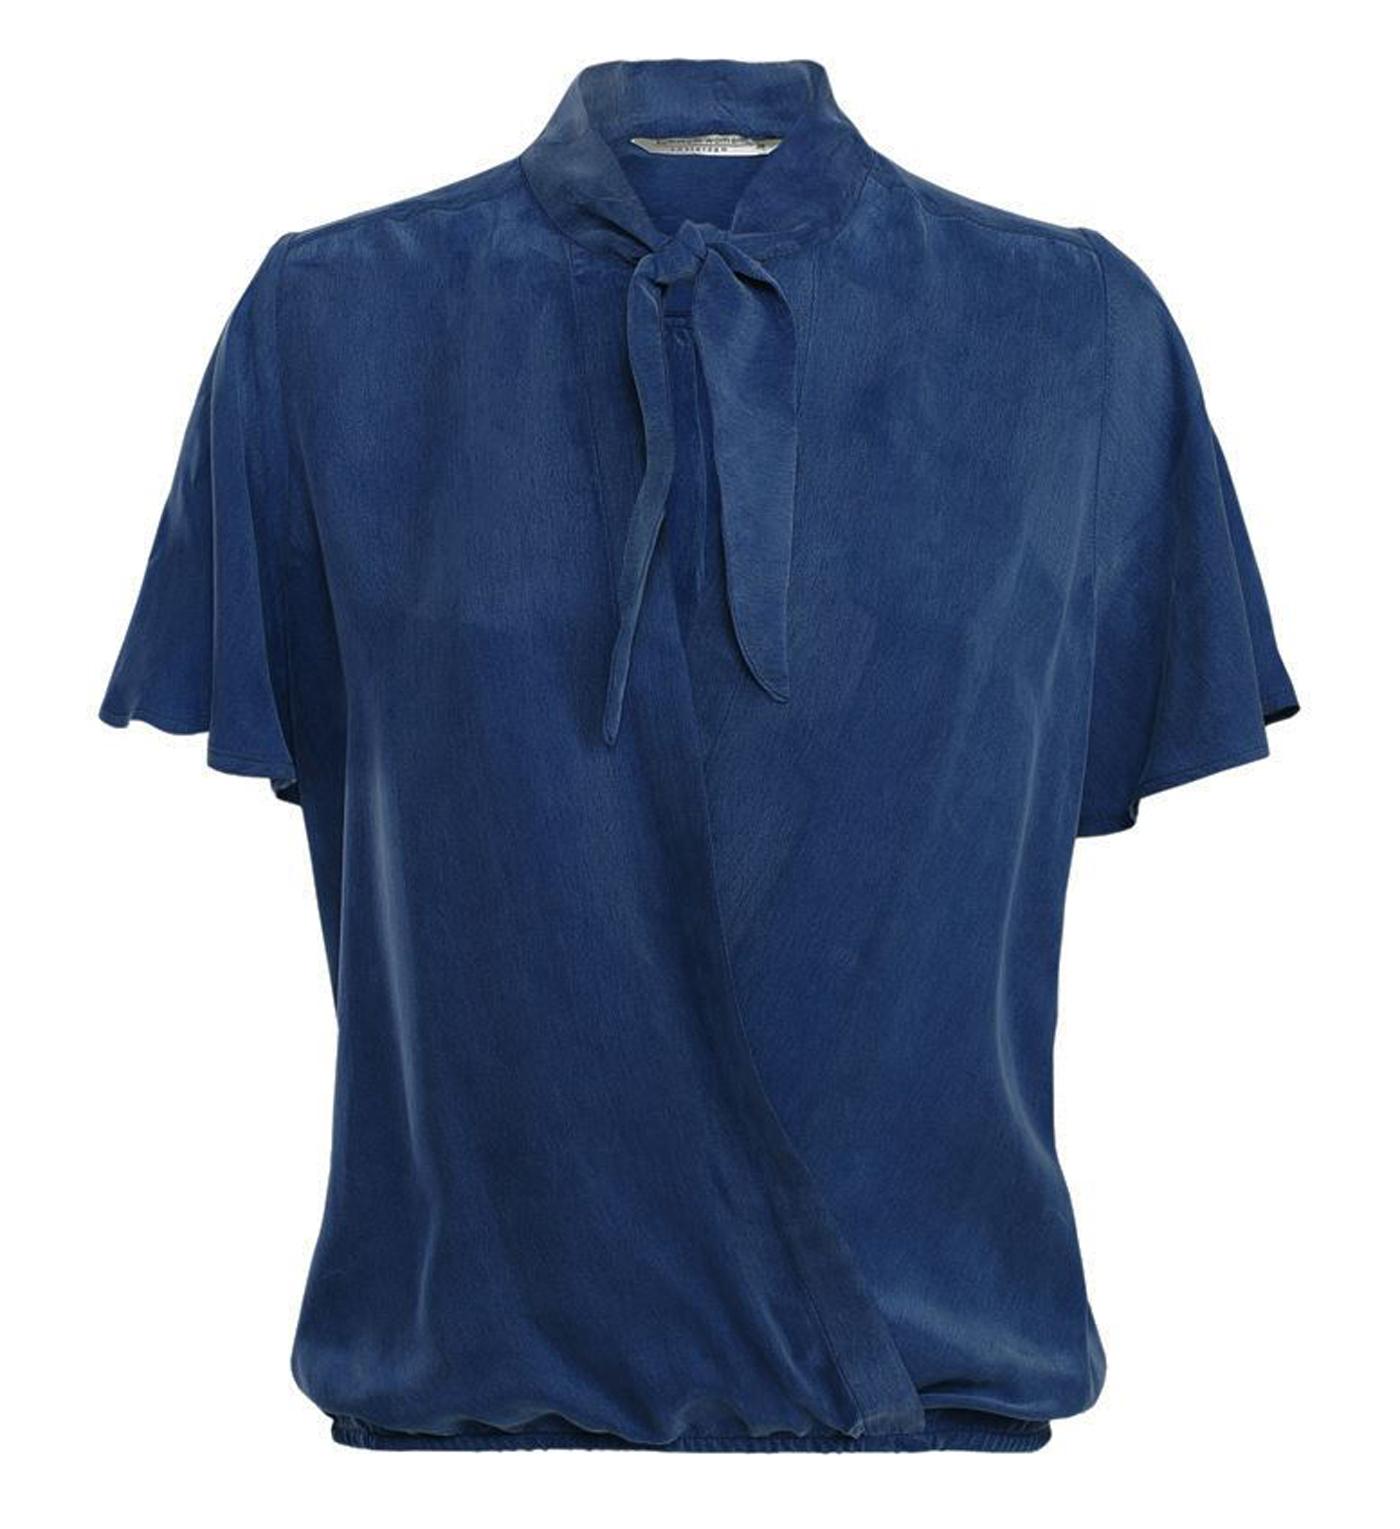 Blauwe dames top met strik lint Summum - 2S2325-10936